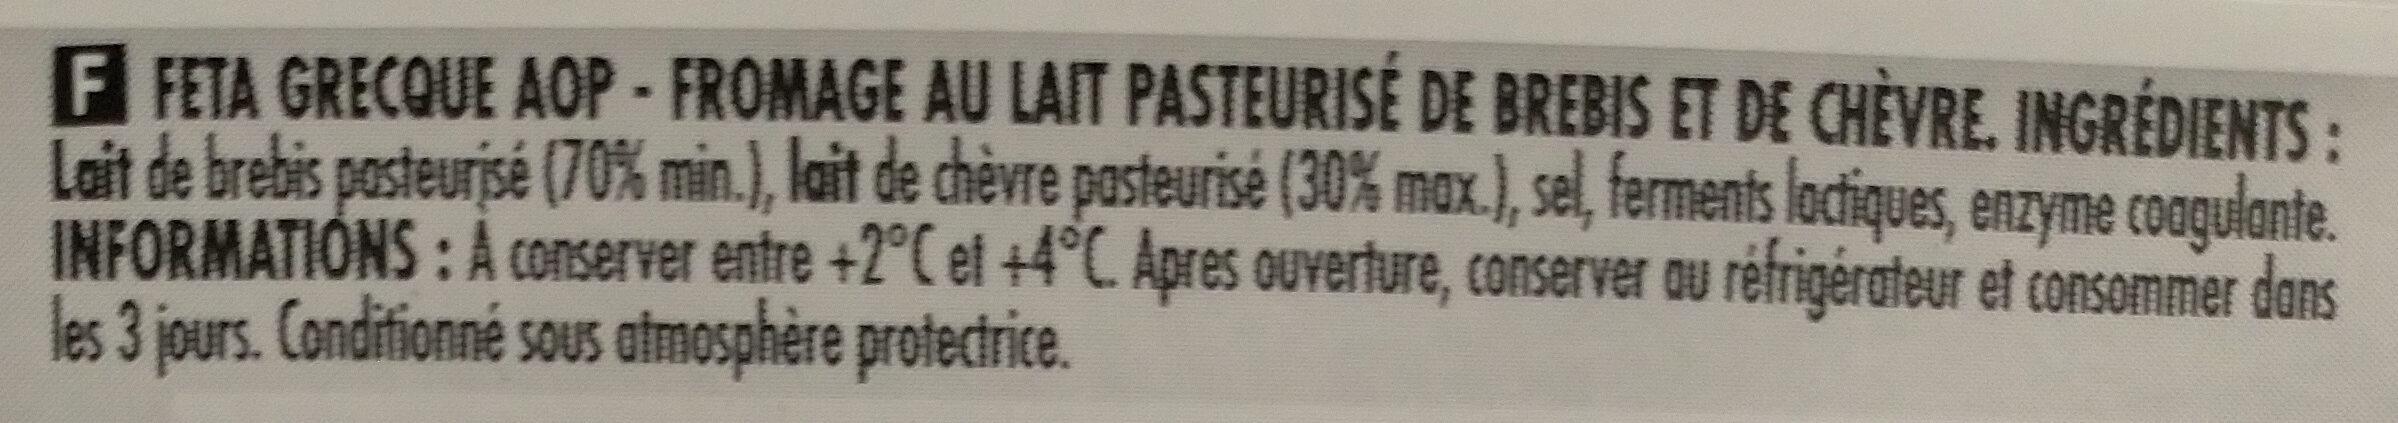 Feta grecque - Ingrediënten - fr